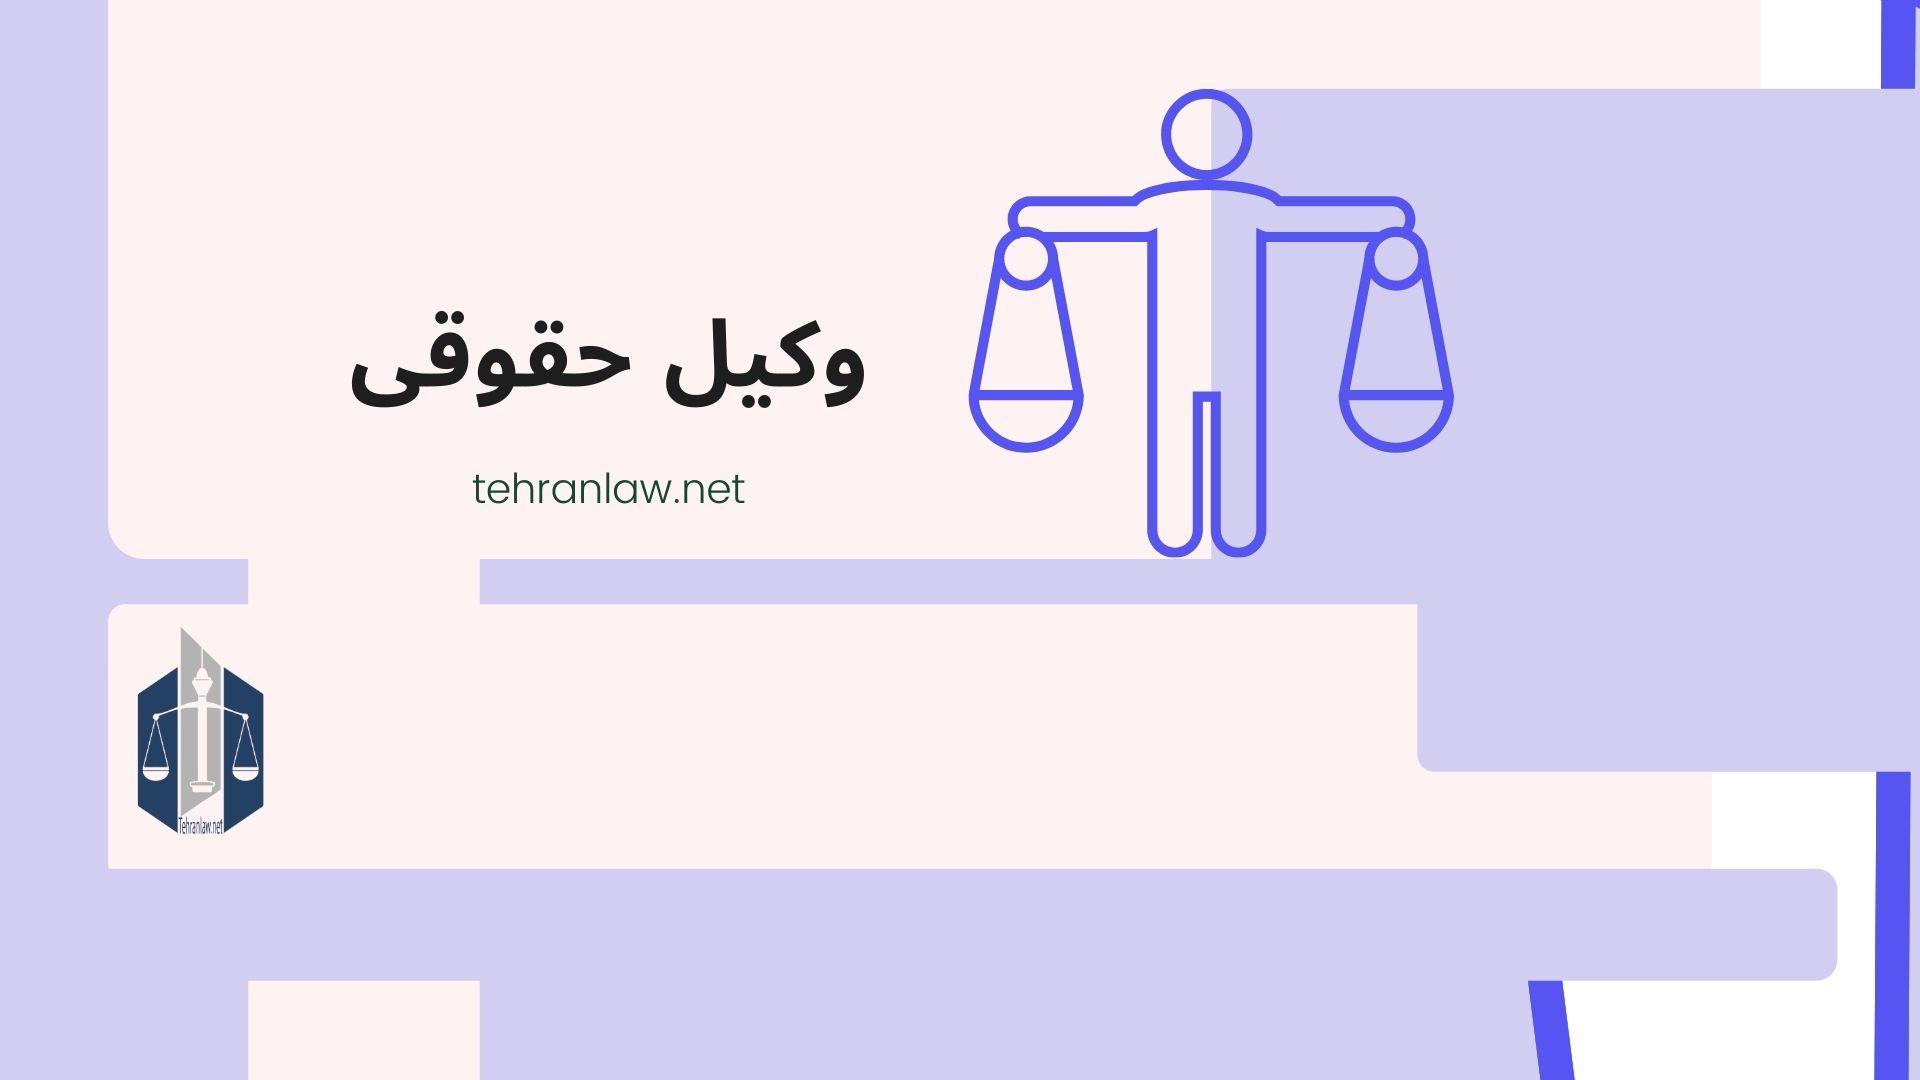 وکیل حقوقی: